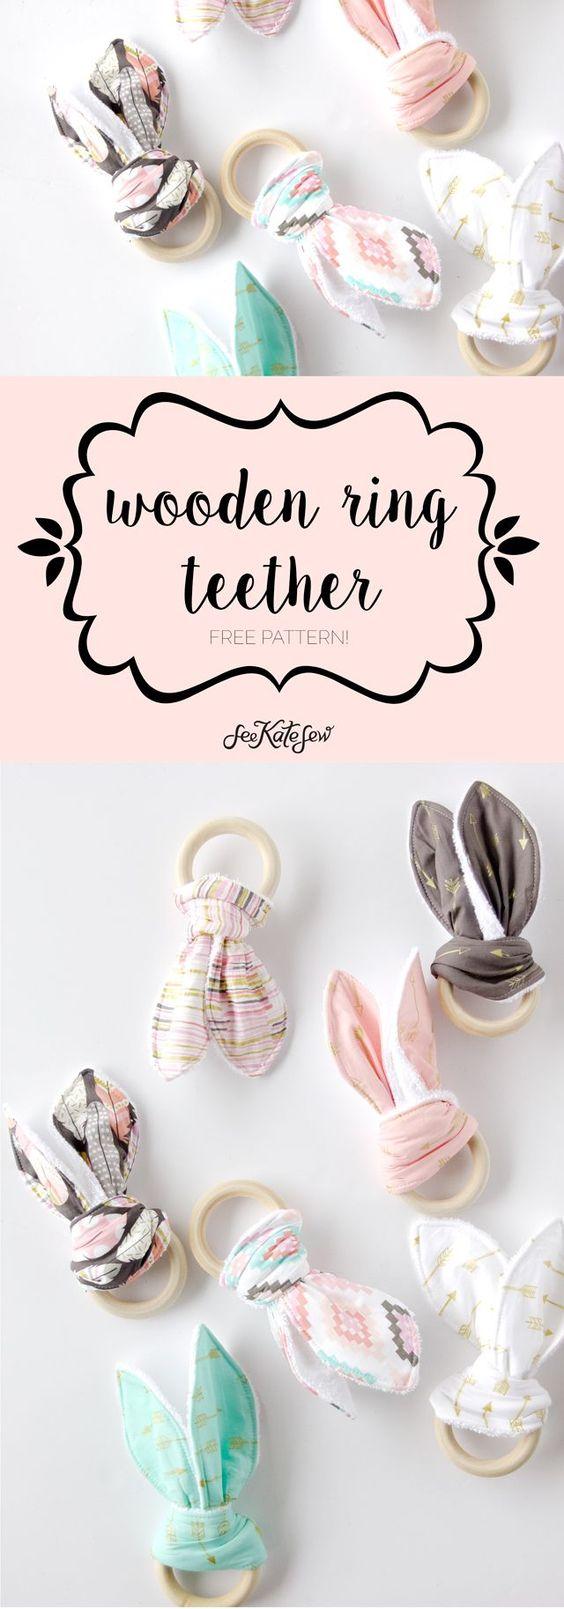 De bandanas a mordedores para los bebés. Un regalo adorable para Baby shower